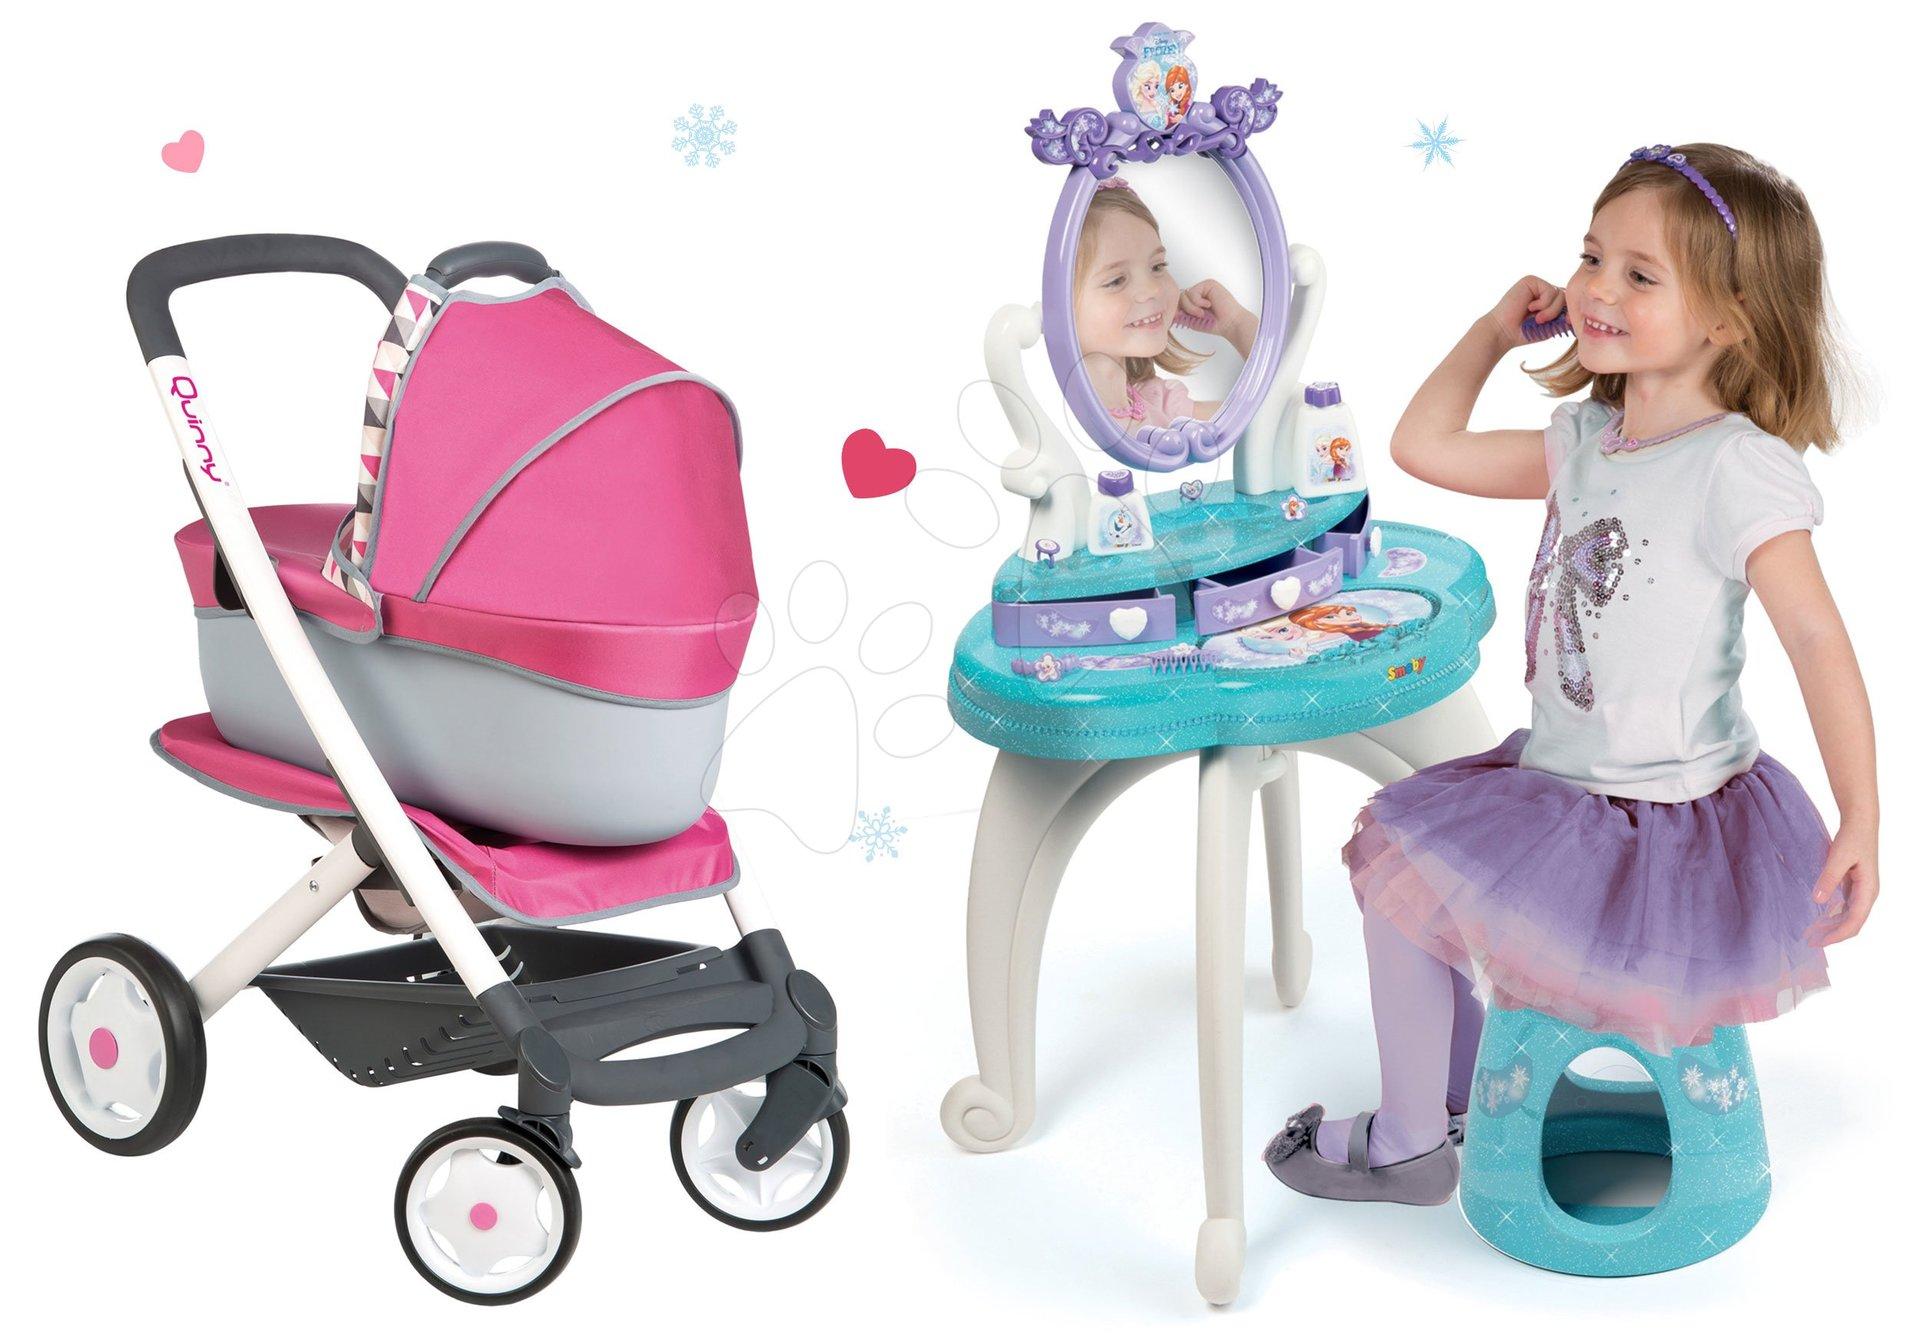 Komplet kozmetična miza Frozen Smoby s stolom in voziček za dojenčka retro Maxi Cosi & Quinny 3v1 (65,5 cm ročka)